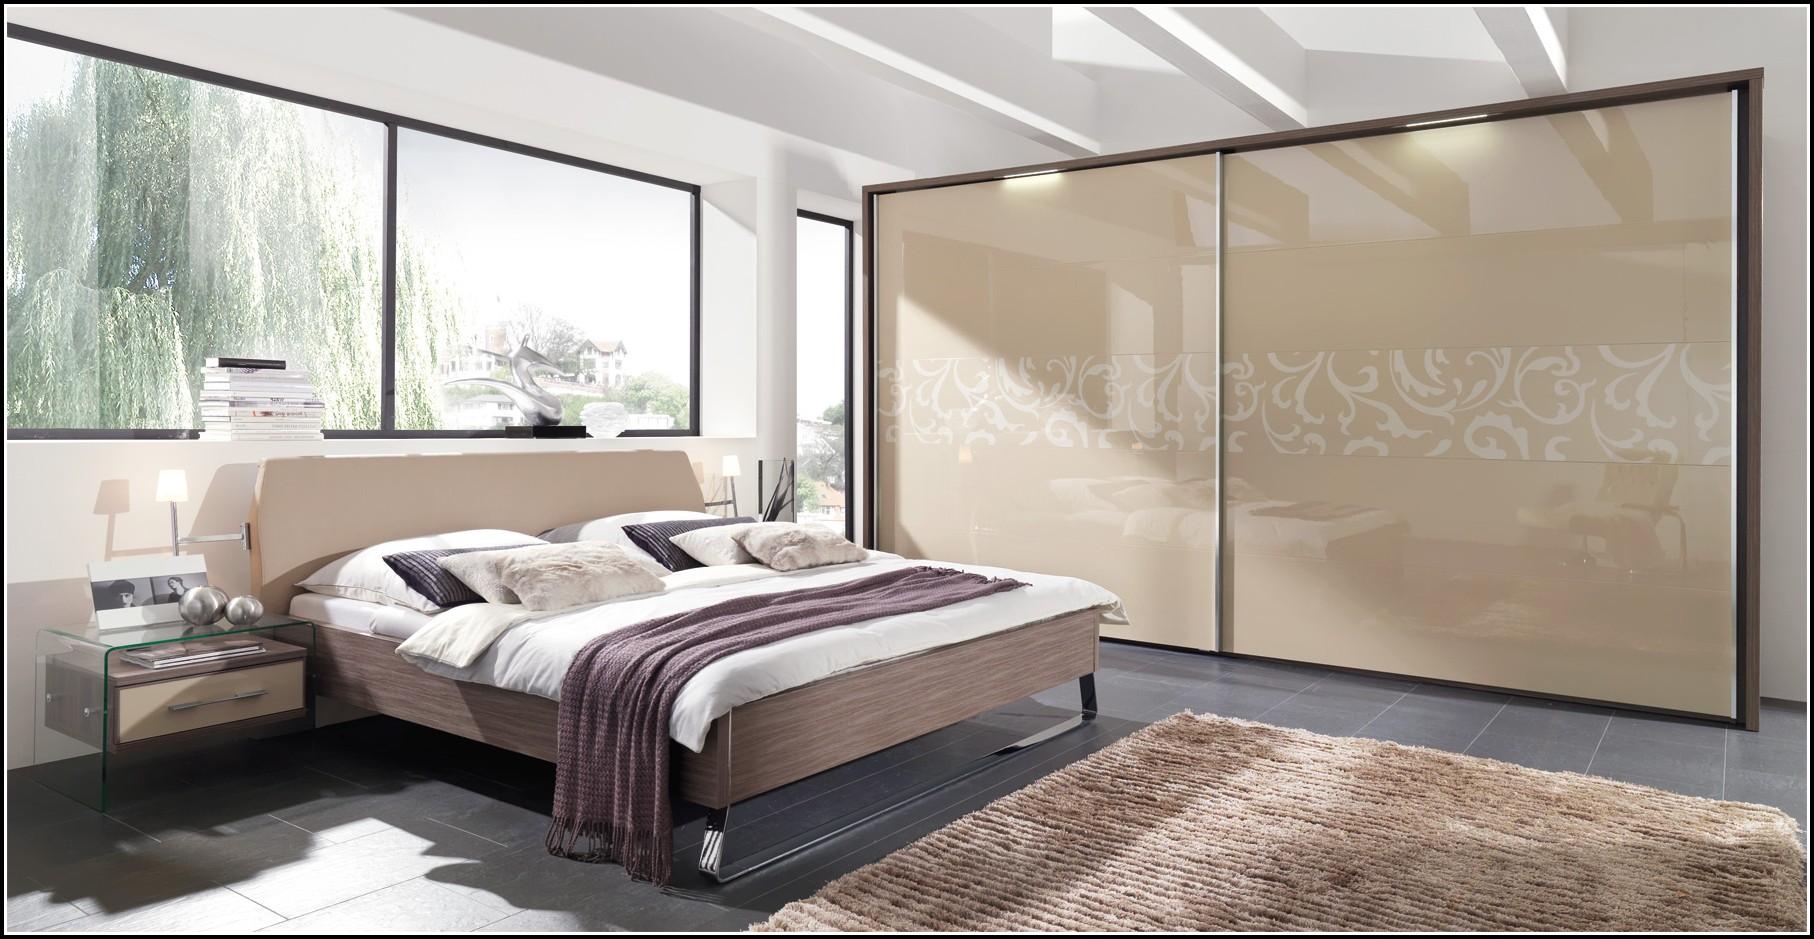 Wellemöbel Schlafzimmer Insua - schlafzimmer : House und Dekor ...